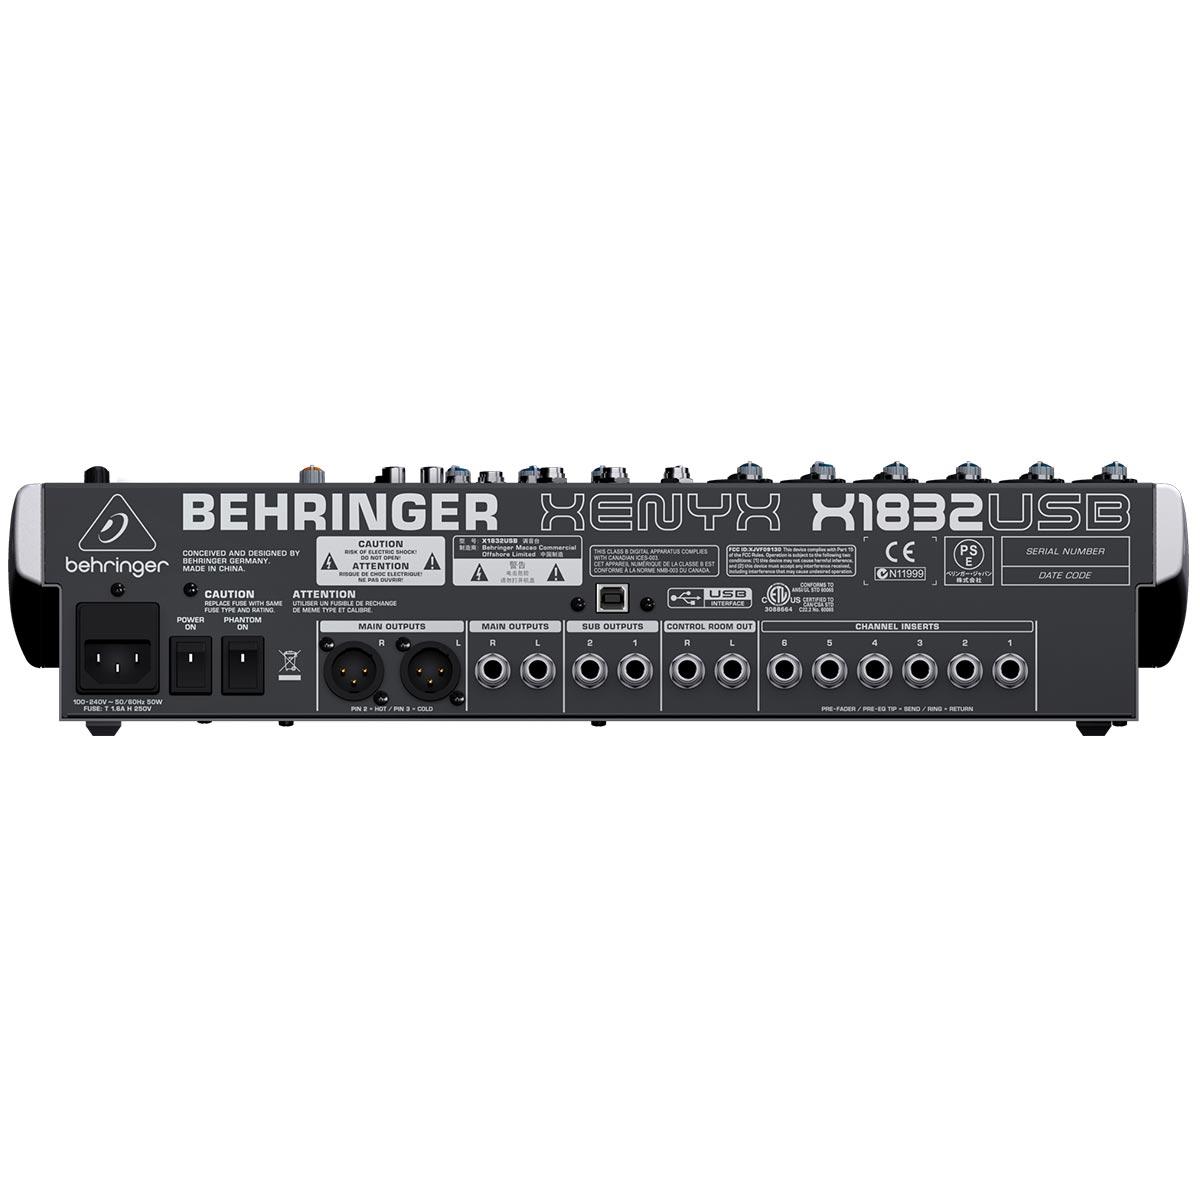 Mesa de Som / Mixer 18 Canais Xenyx X1832USB - Behringer